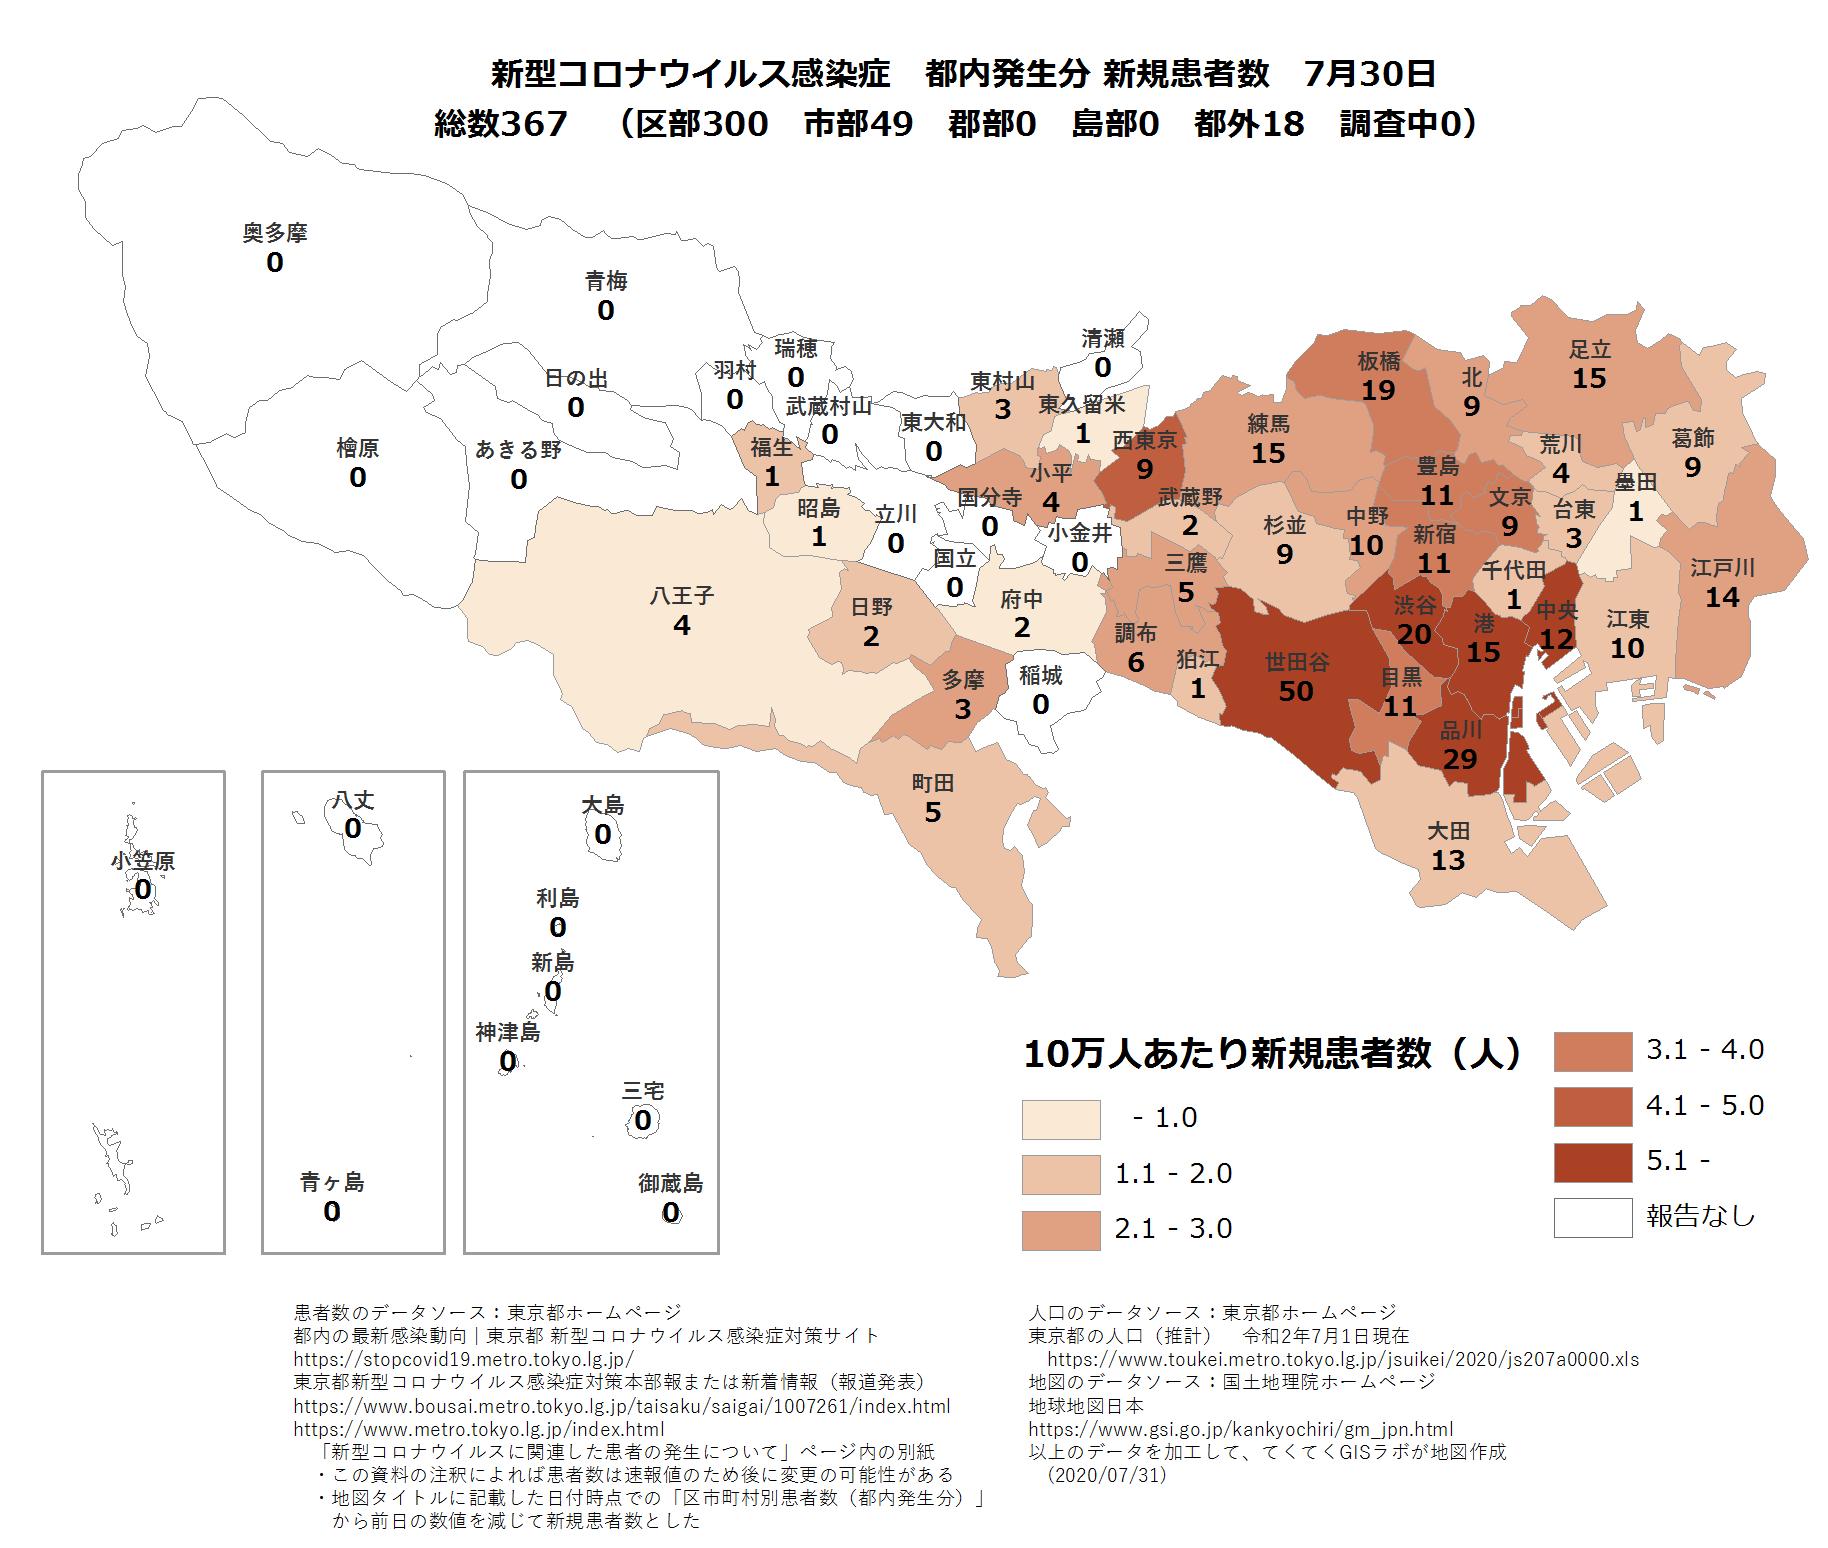 市区町村ごと新規患者数7月30日東京